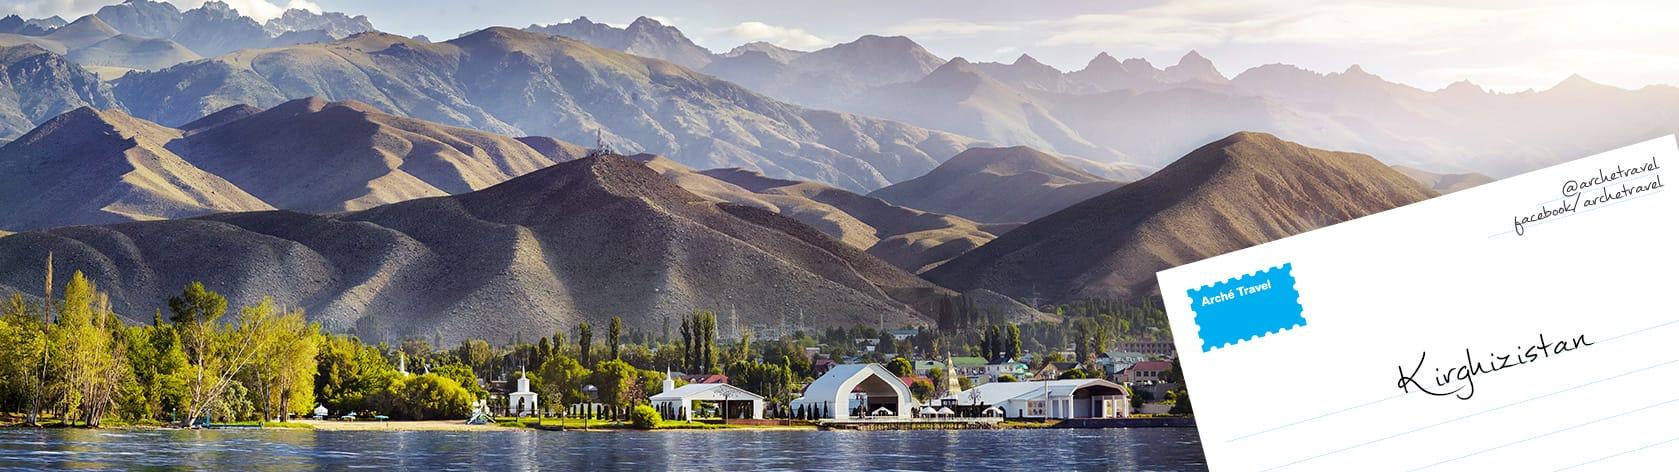 Blog Kirghizistan - Guida di Viaggio Kirghizistan - Blog di Viaggio Kirghizistan